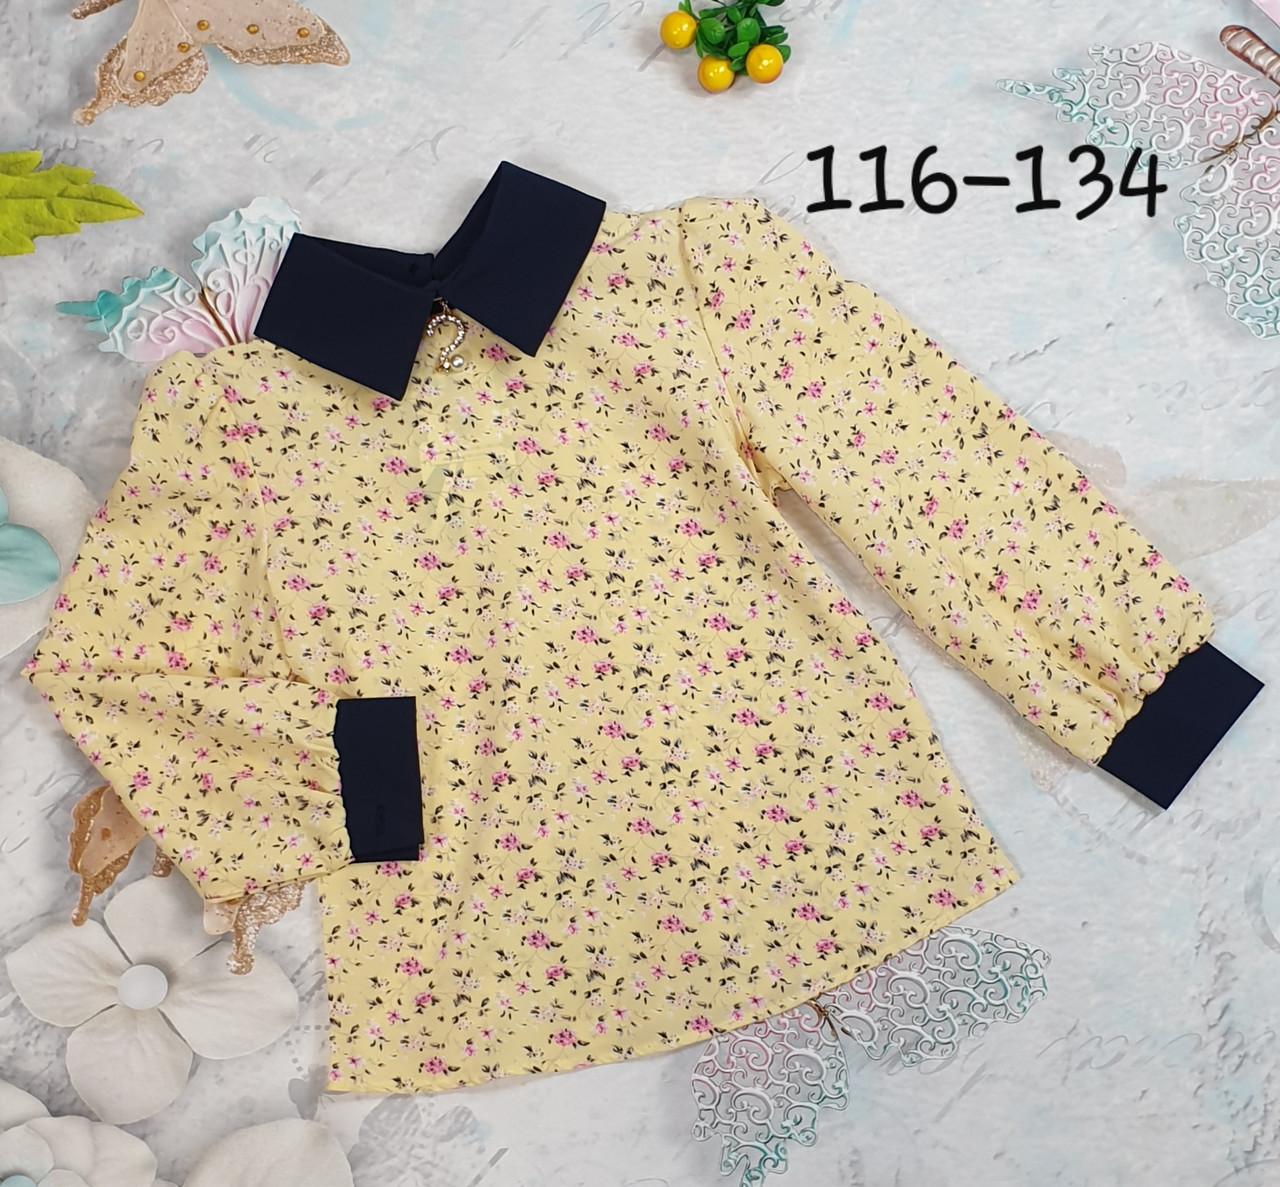 Блузка с длинным рукавом  116-134 на желтом мелкие цветы